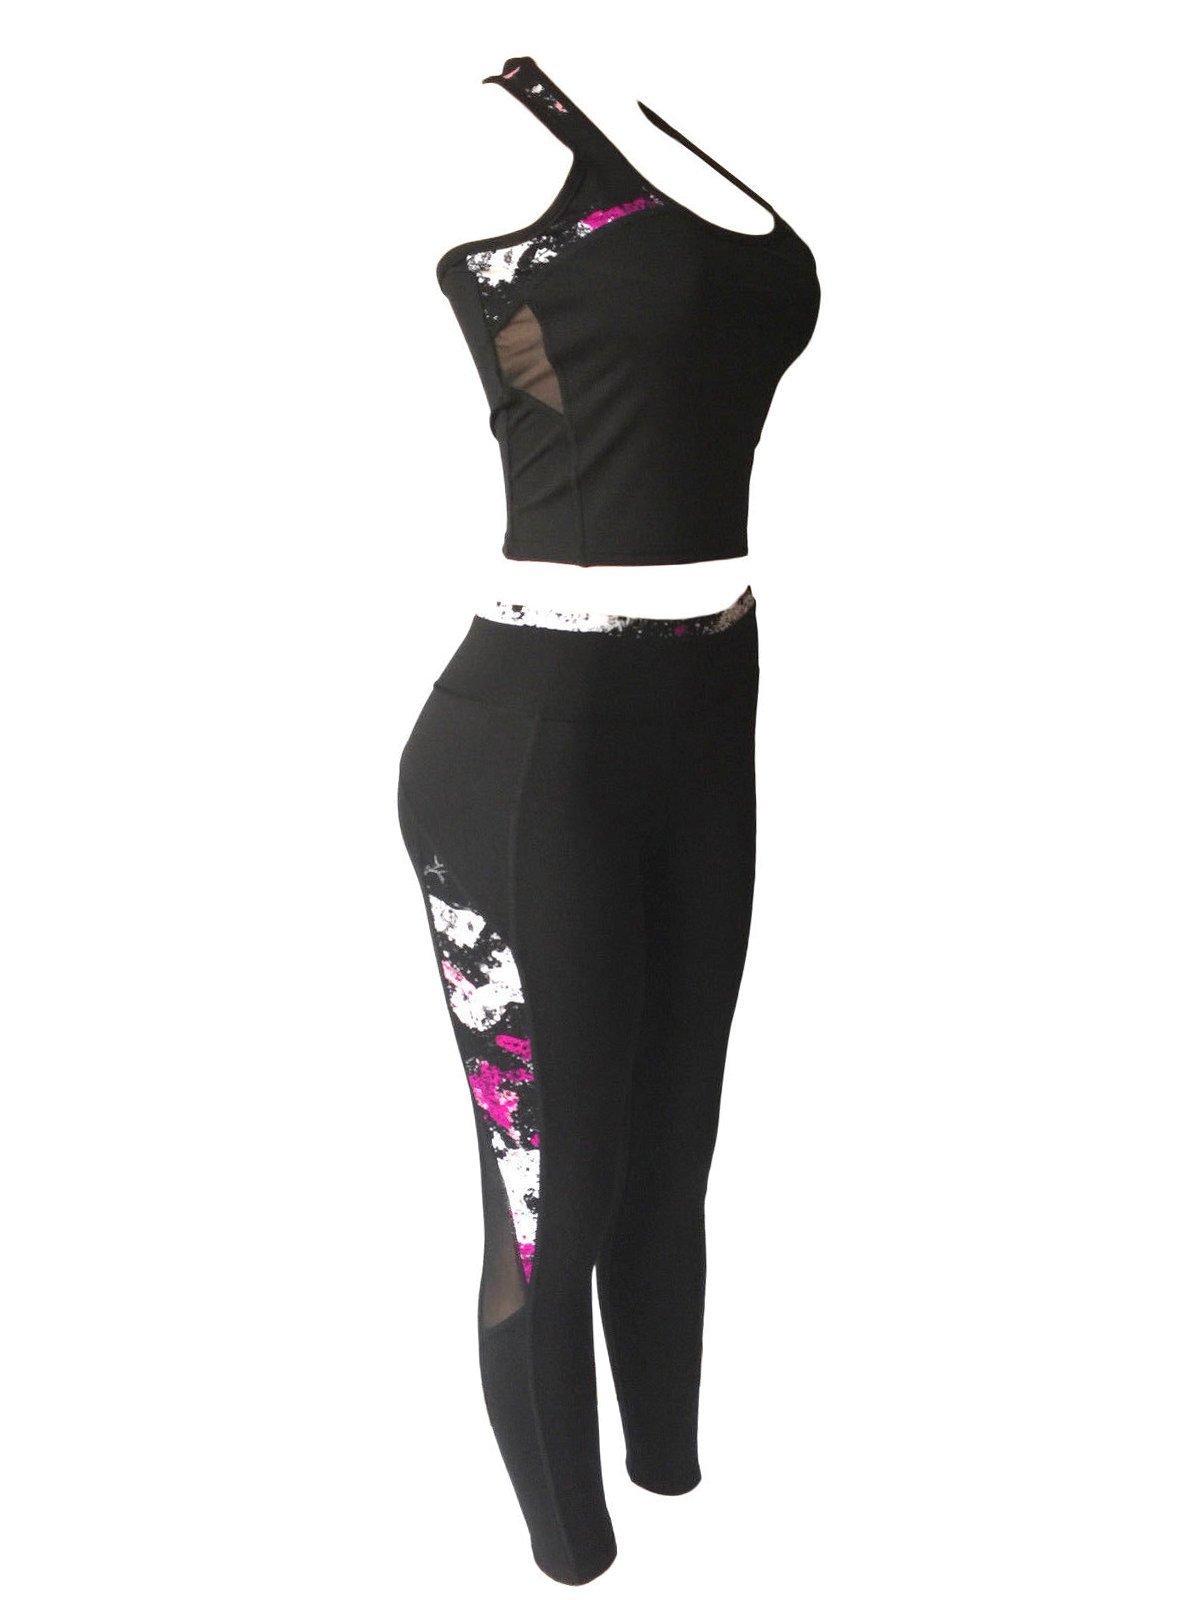 Women Sports Gym Yoga Workout Activewear Sets 2 Pieces Top+Leggings Set (S/M, Plum Touch/Black)